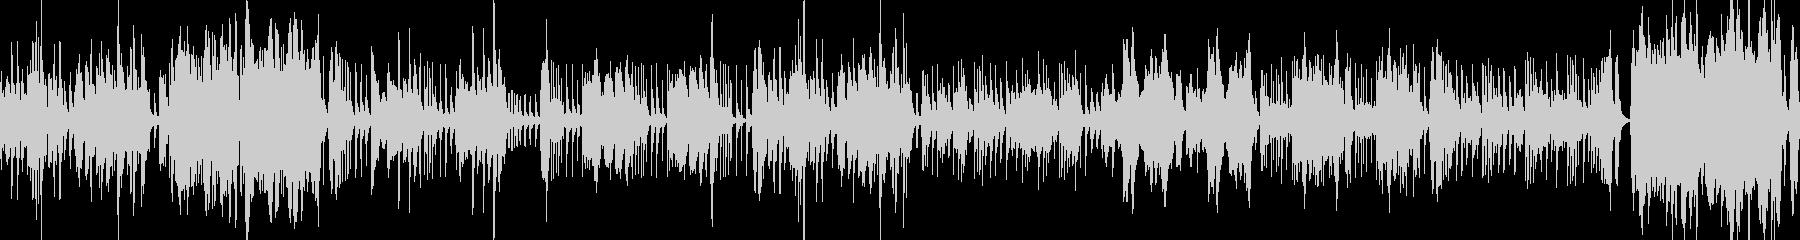 オーケストラ・コミカル・音質改善verの未再生の波形